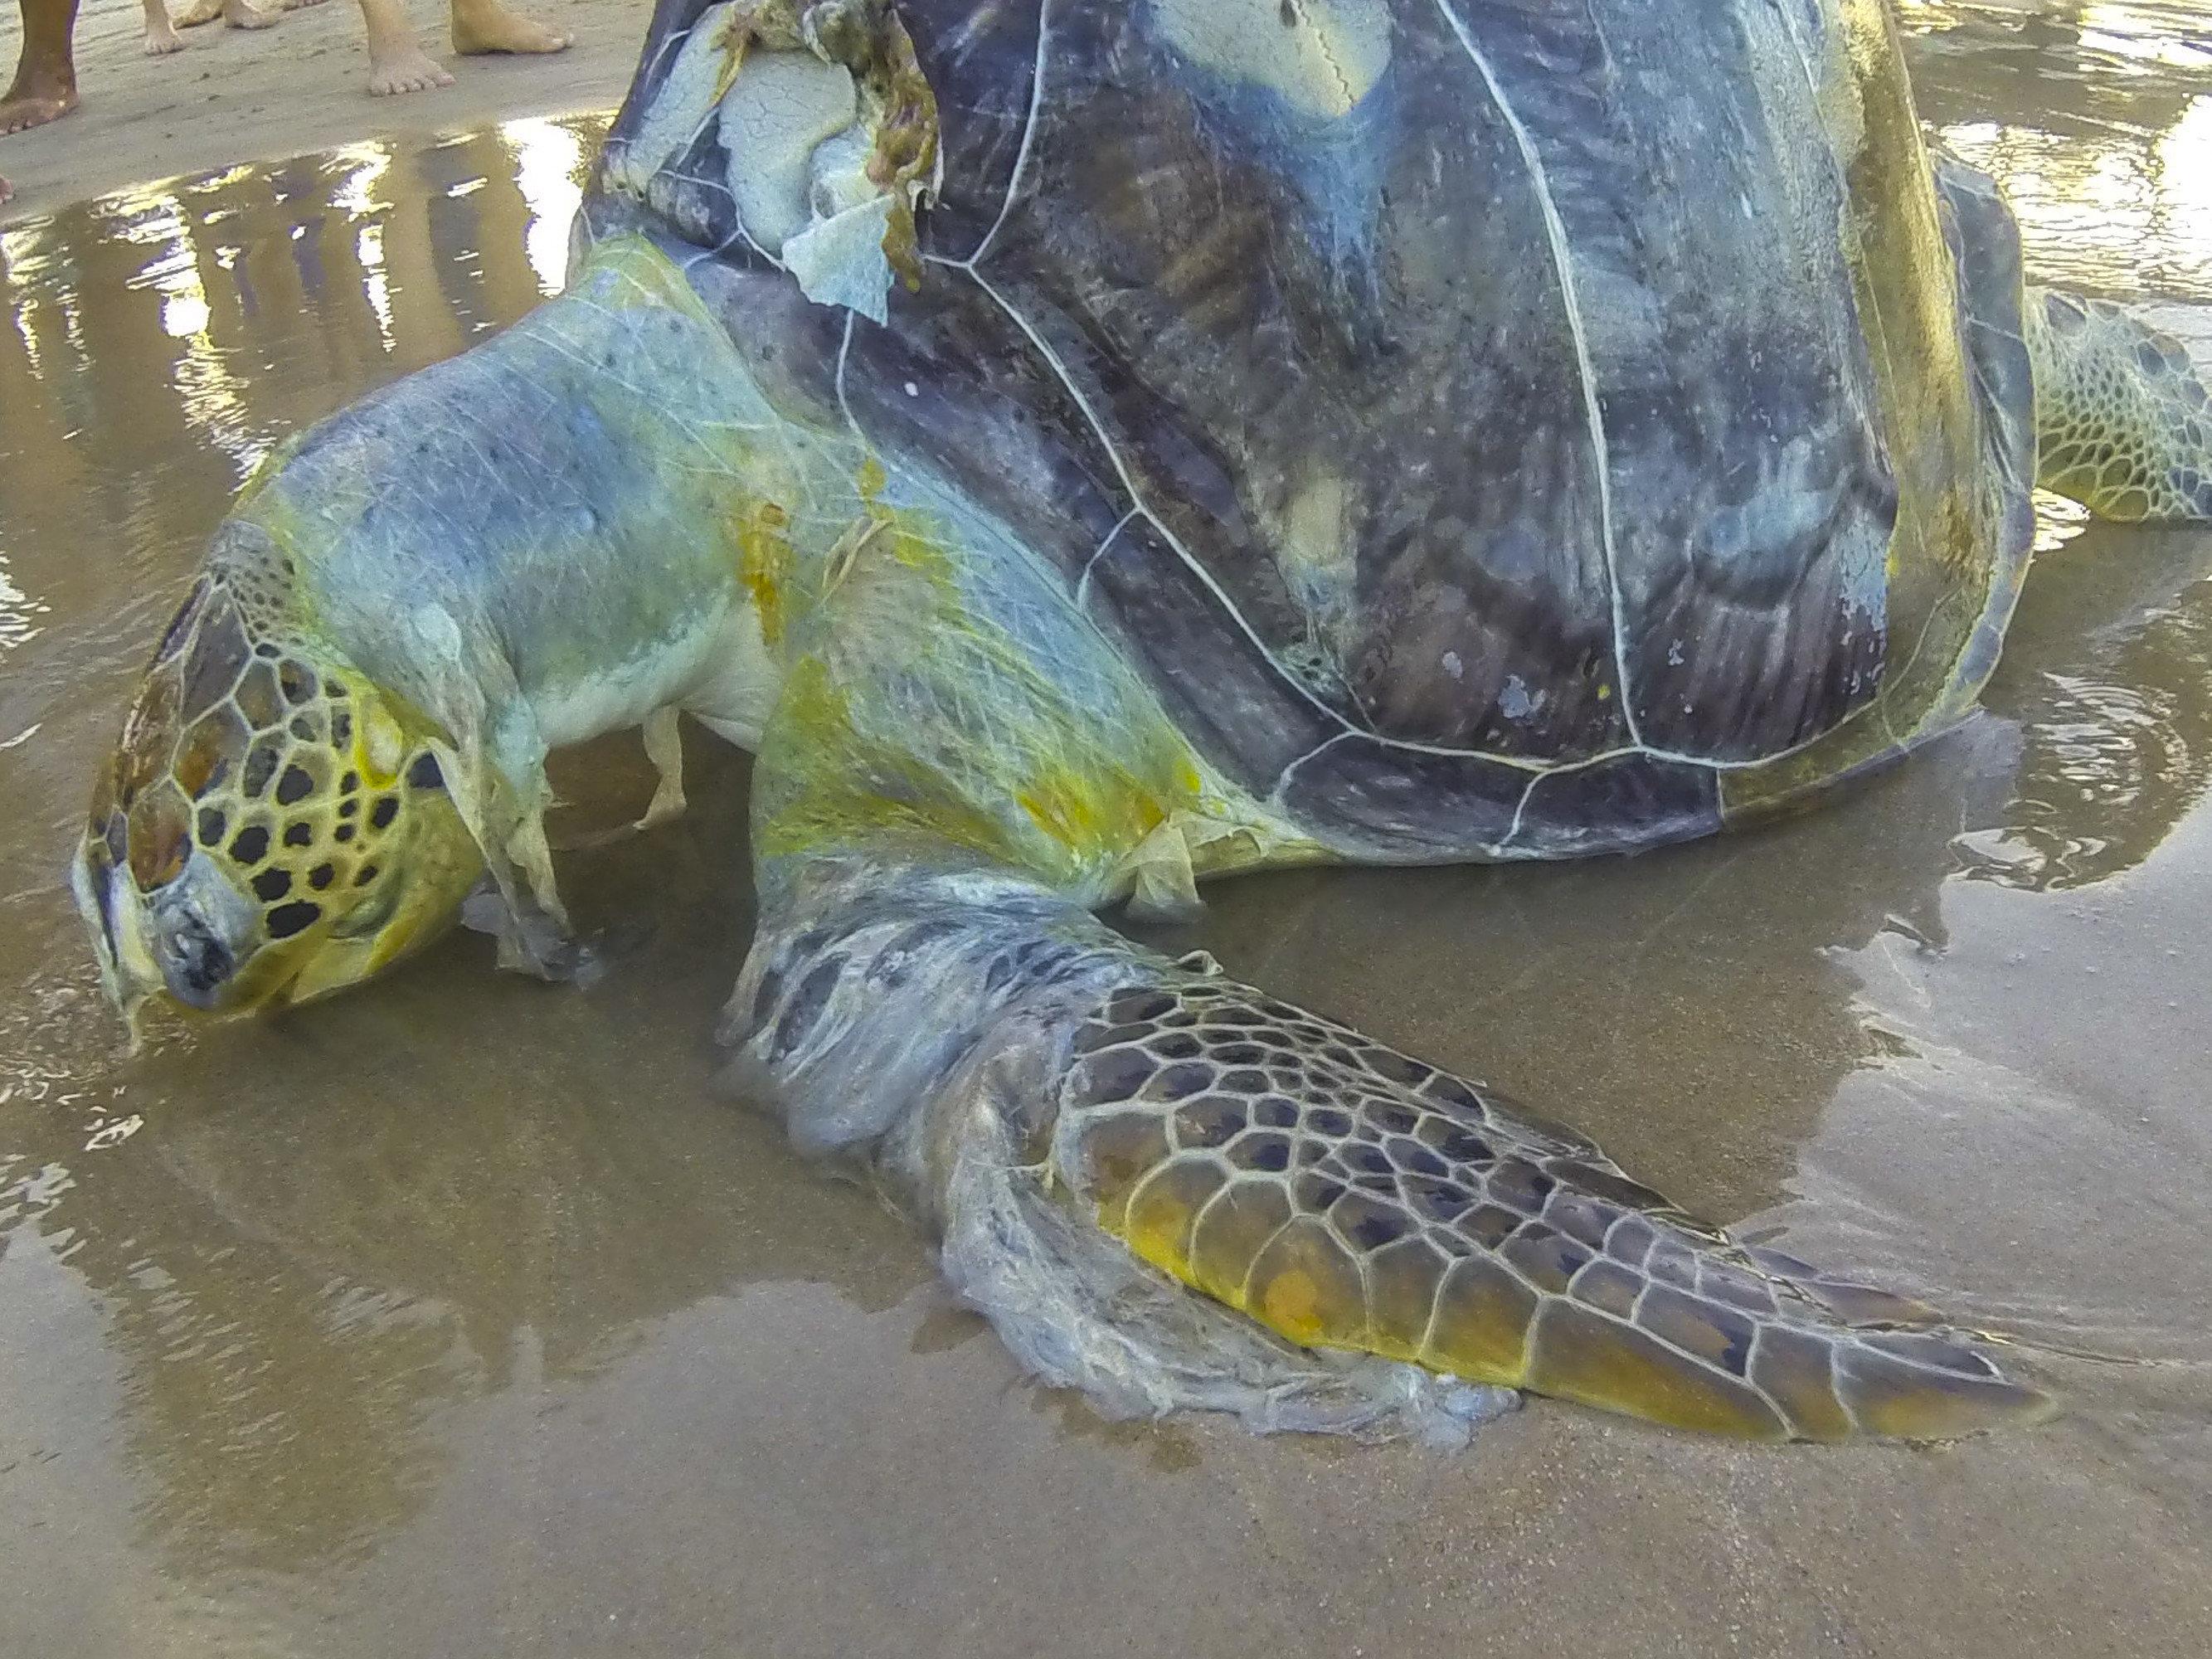 A dead sea turtle draped in plastic